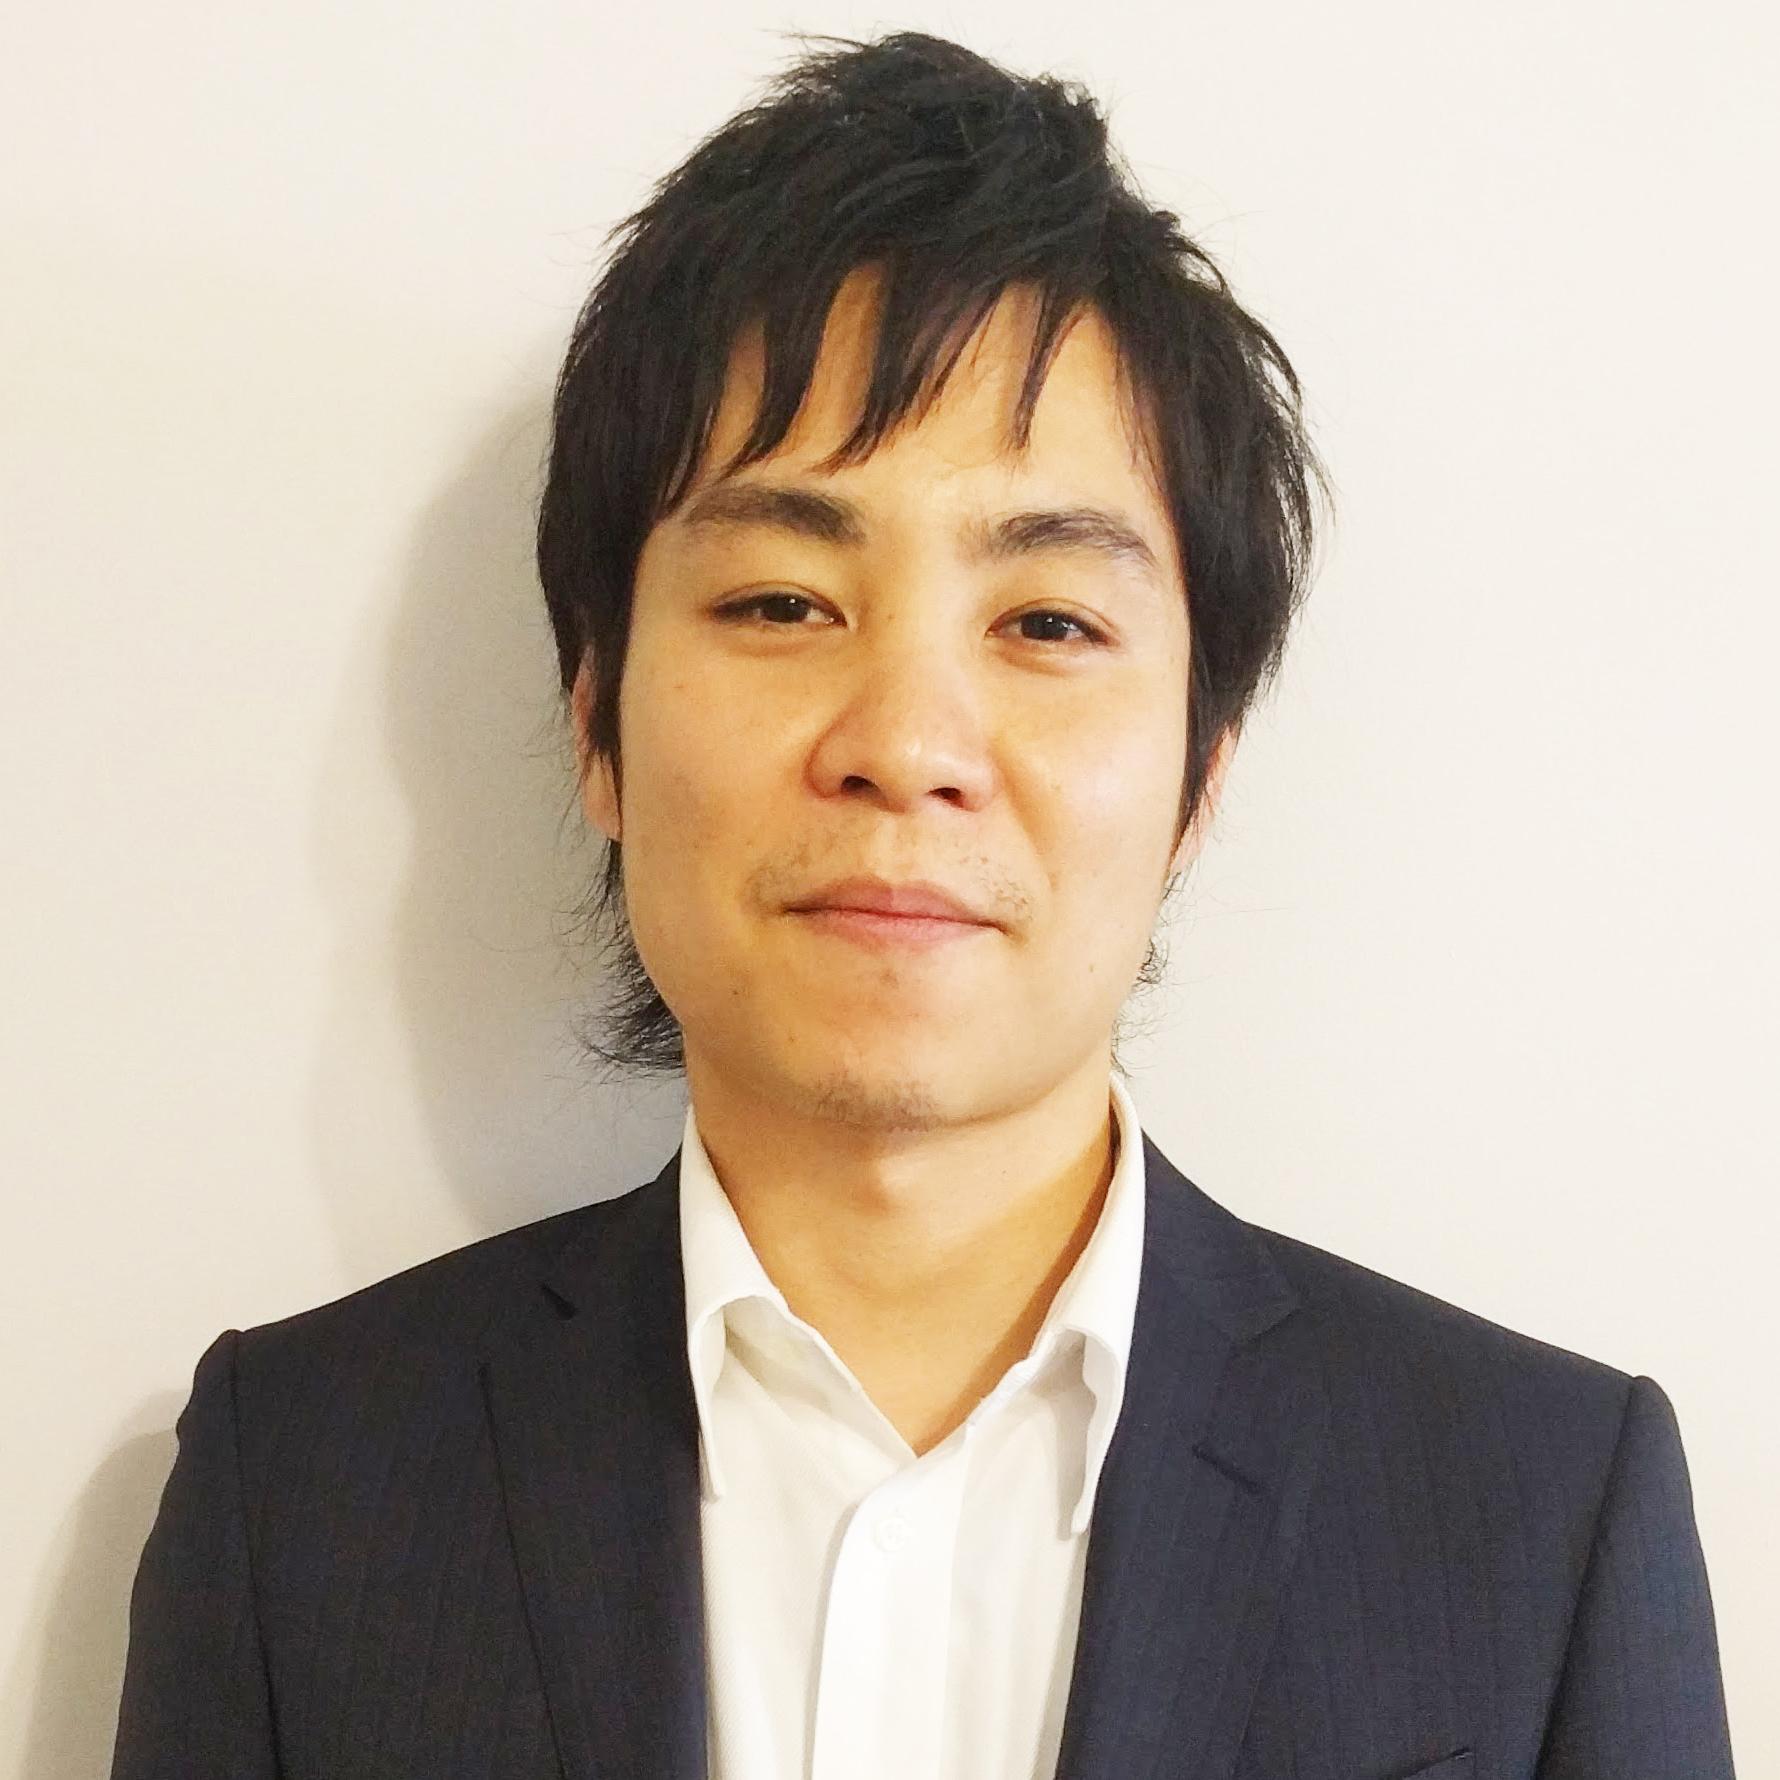 Shunsuke .Y